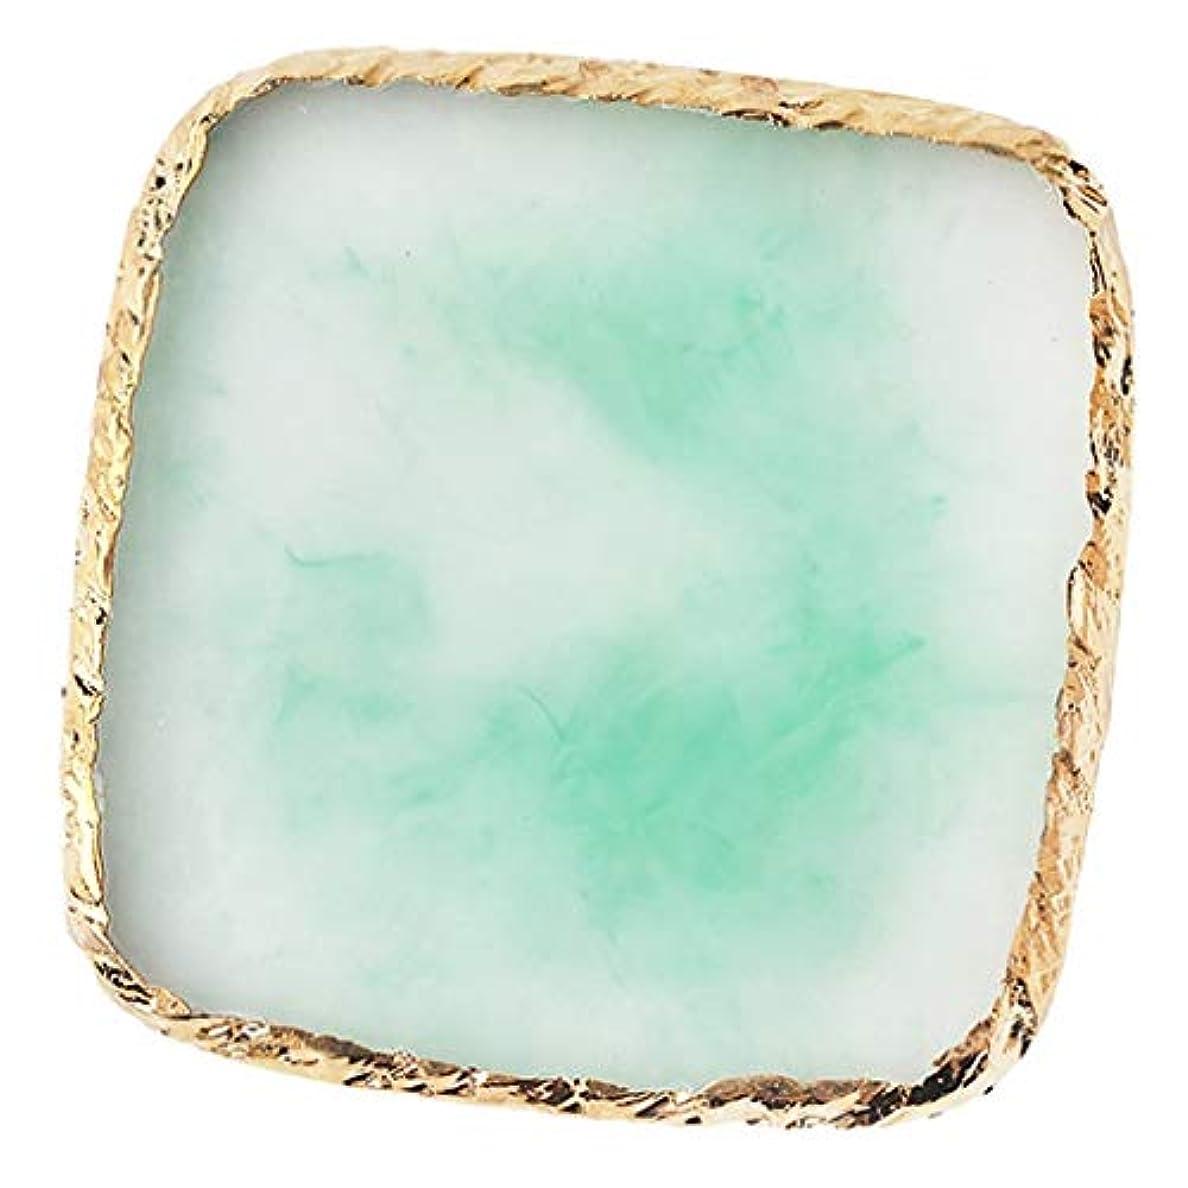 限界ラボ受けるIPOTCH ネイルアート カラーブレンド ミキシングパレット 樹脂製 6色選べ - 緑